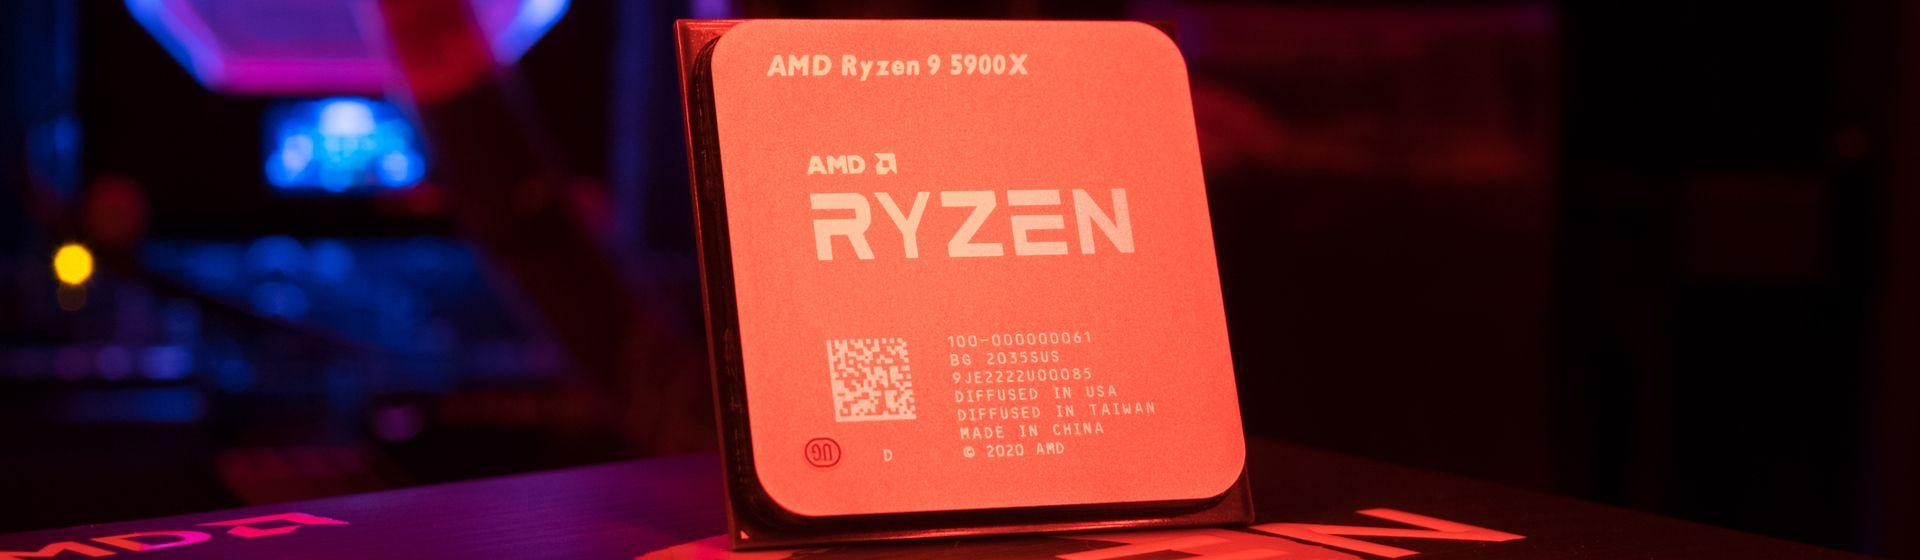 Processador AMD vale a pena? Conheça os modelos e seus prós e contras